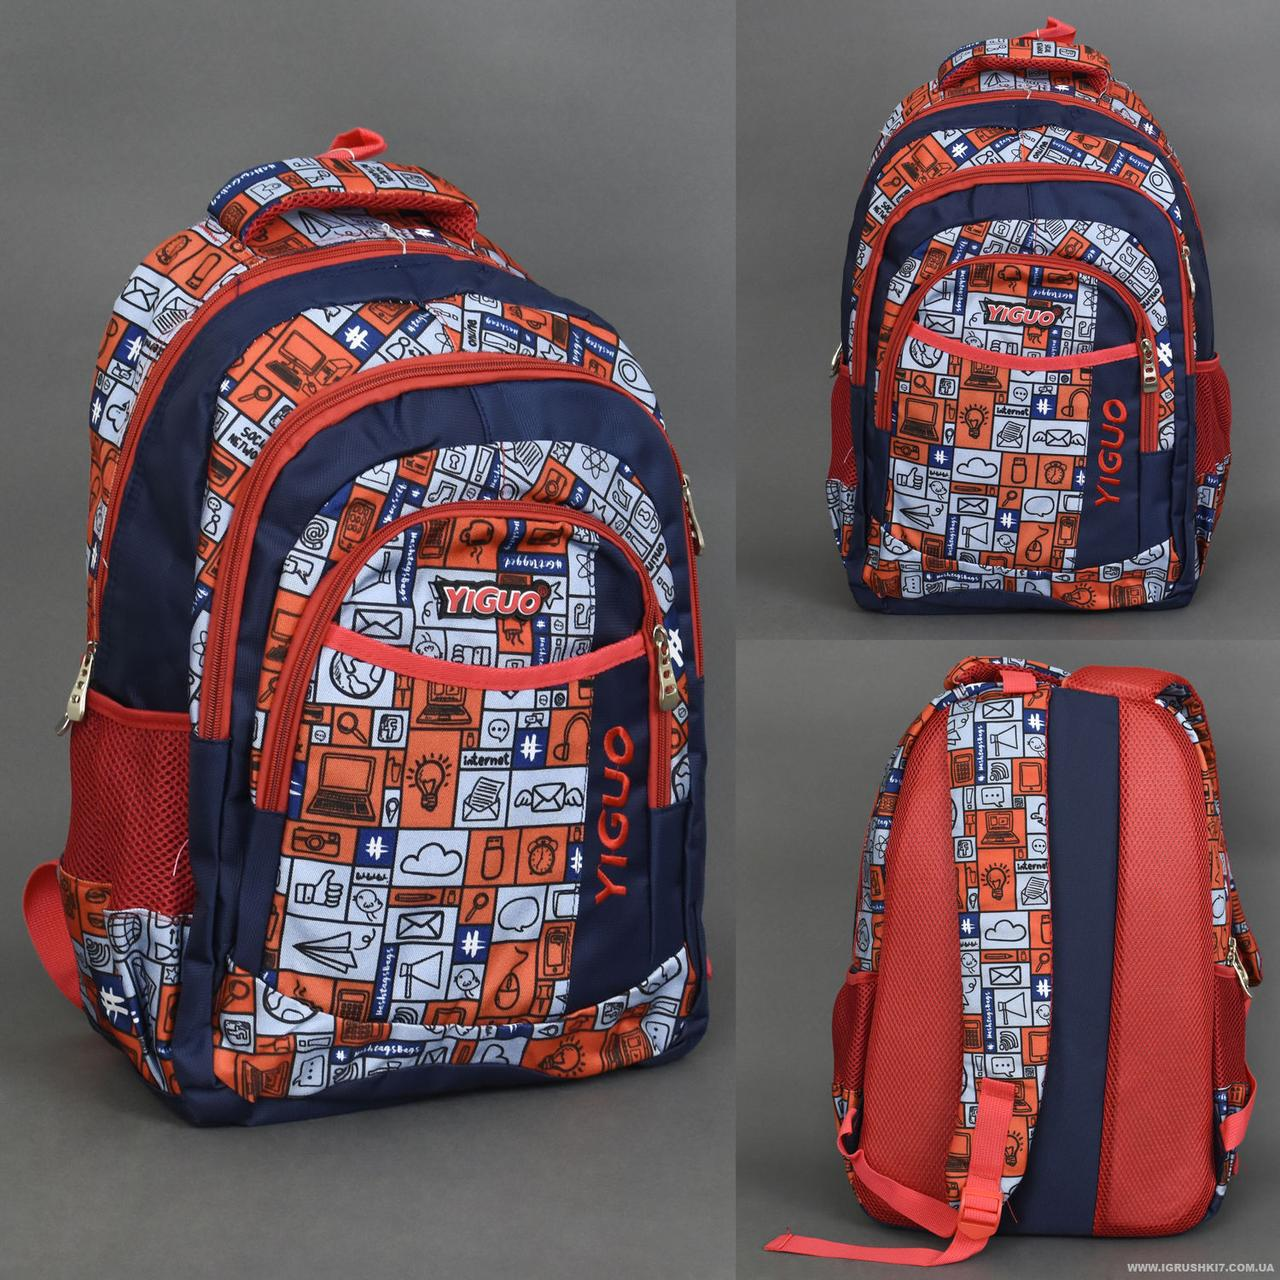 Рюкзак школьный 4 отделения, 2 кармана, спинка ортопедическая 555-483